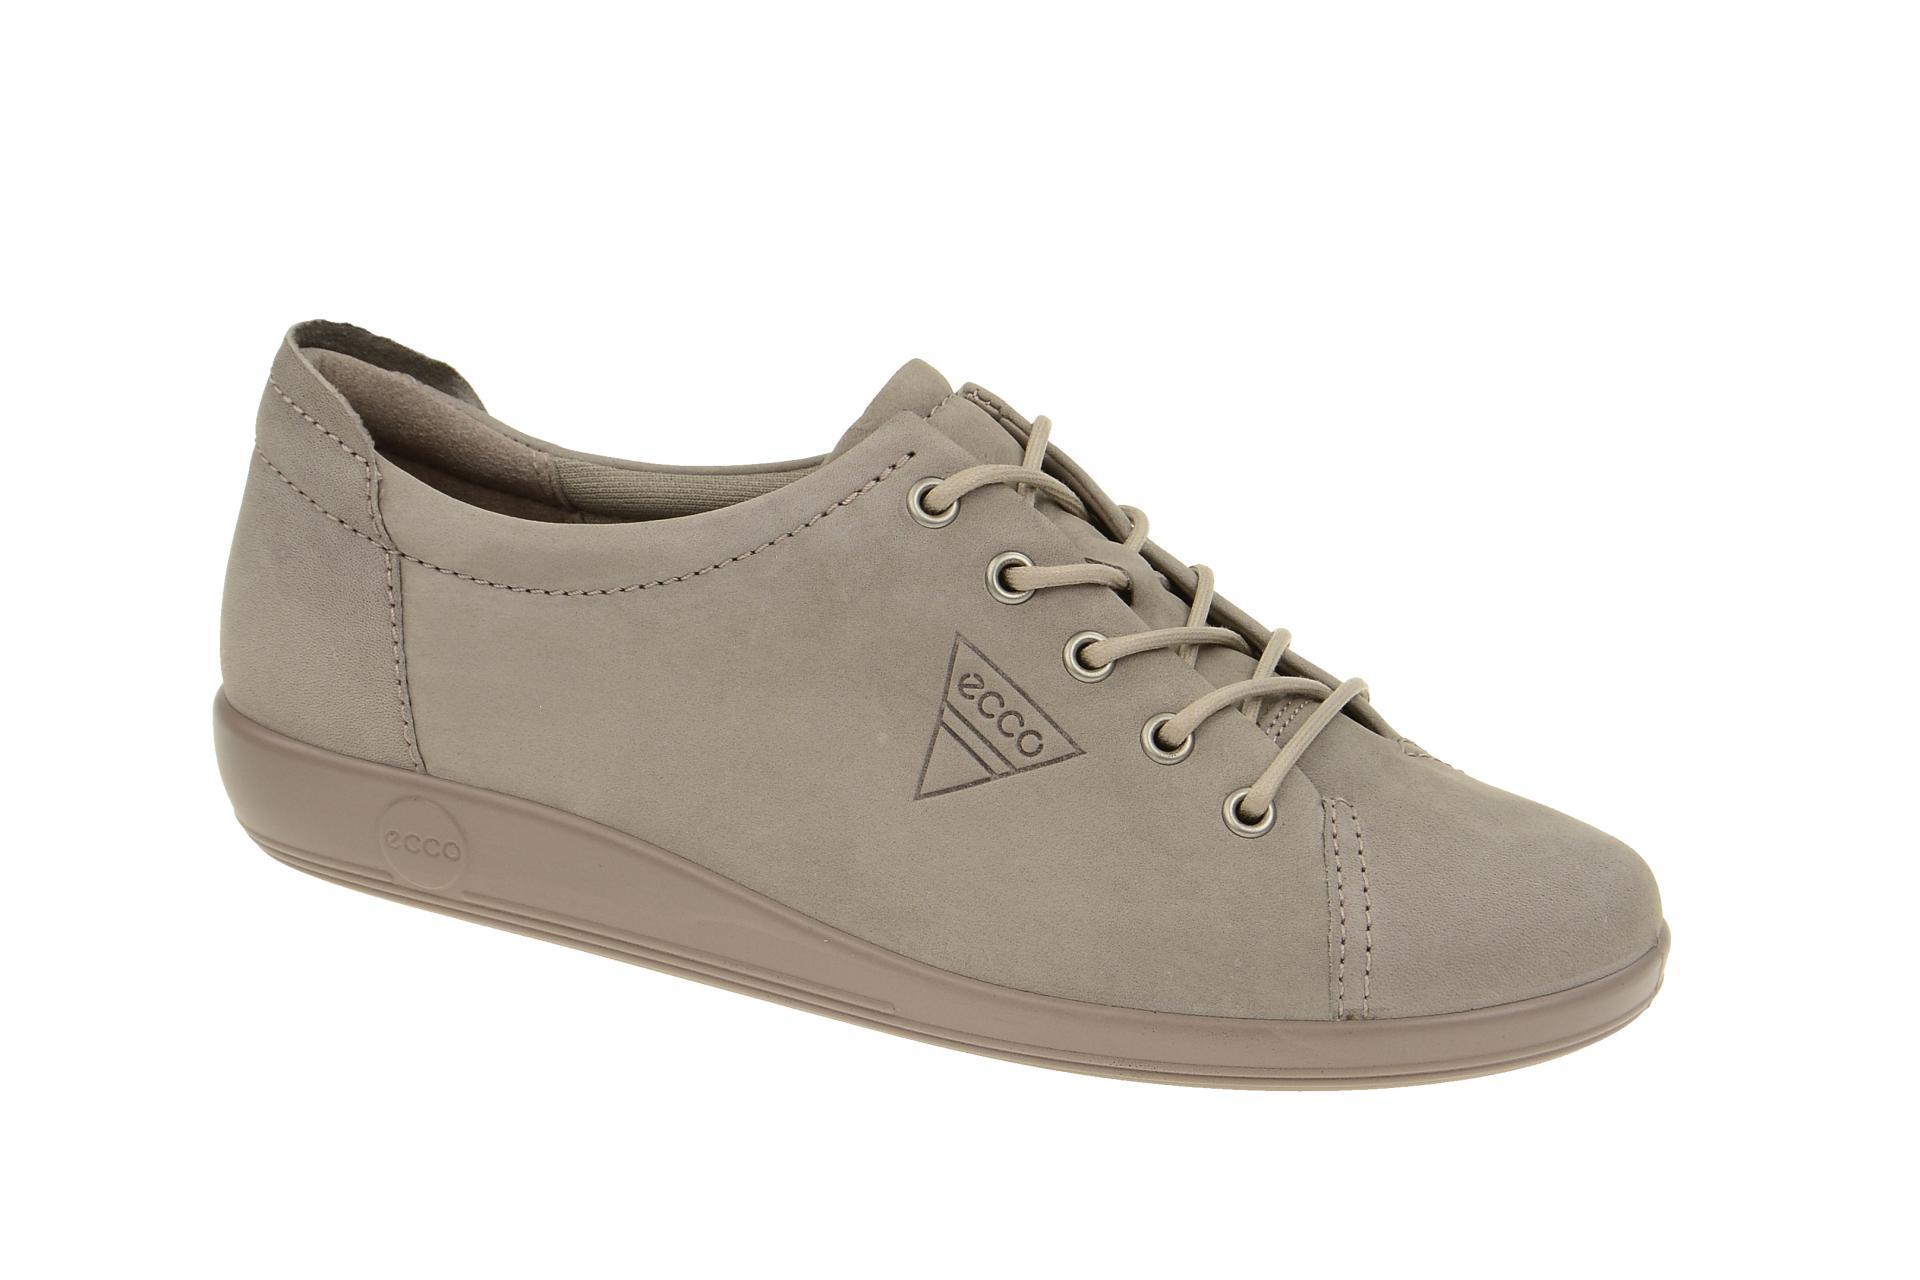 4152281ba3ea1e Ecco Soft 2 Schuhe grau Nubuck - Schuhhaus Strauch Shop